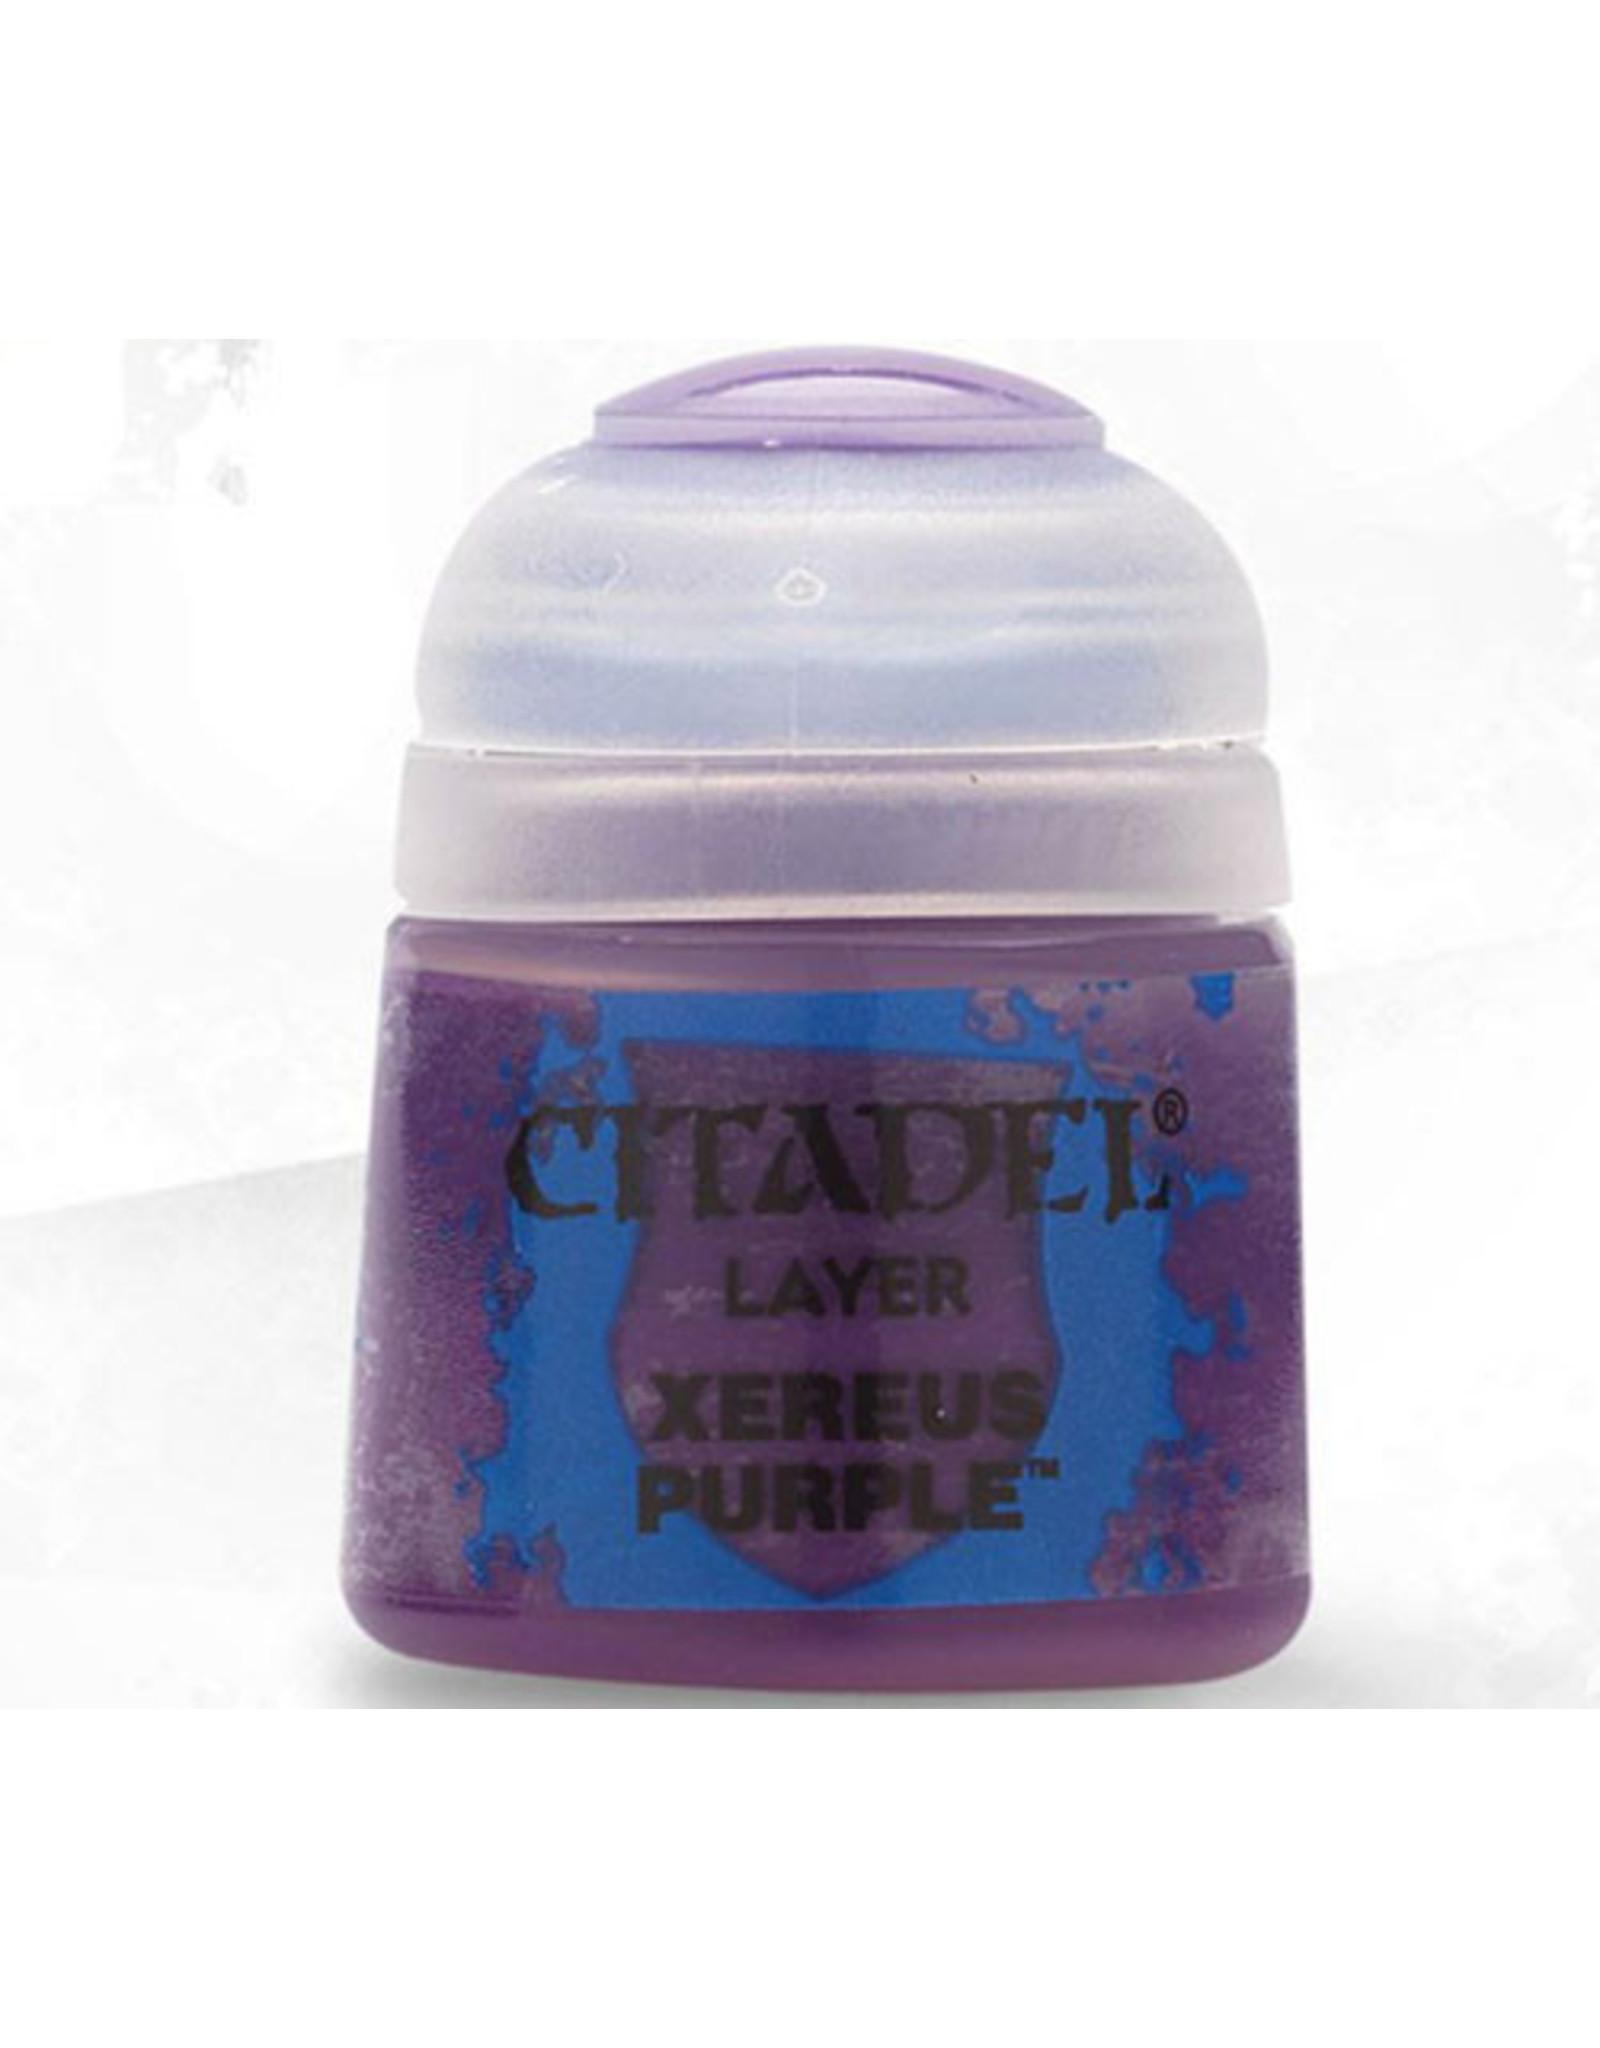 Citadel Citadel Paints: Layer - Xereus Purple